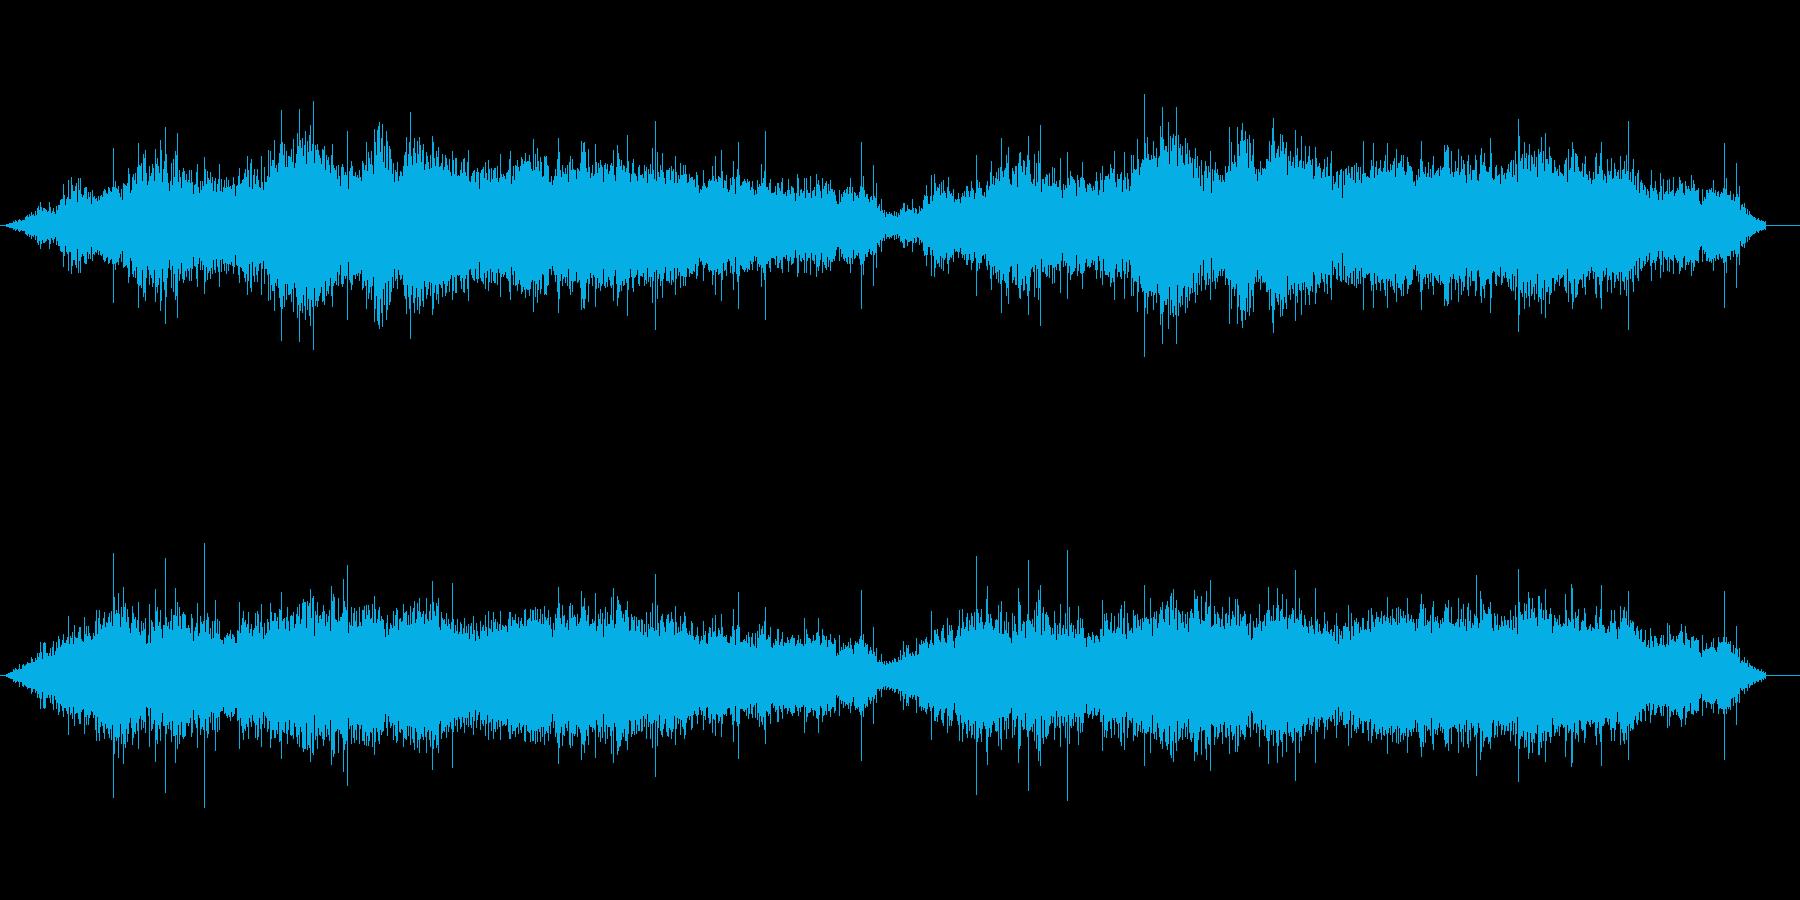 手持ち花火の音 シュシュシュシュシュの再生済みの波形